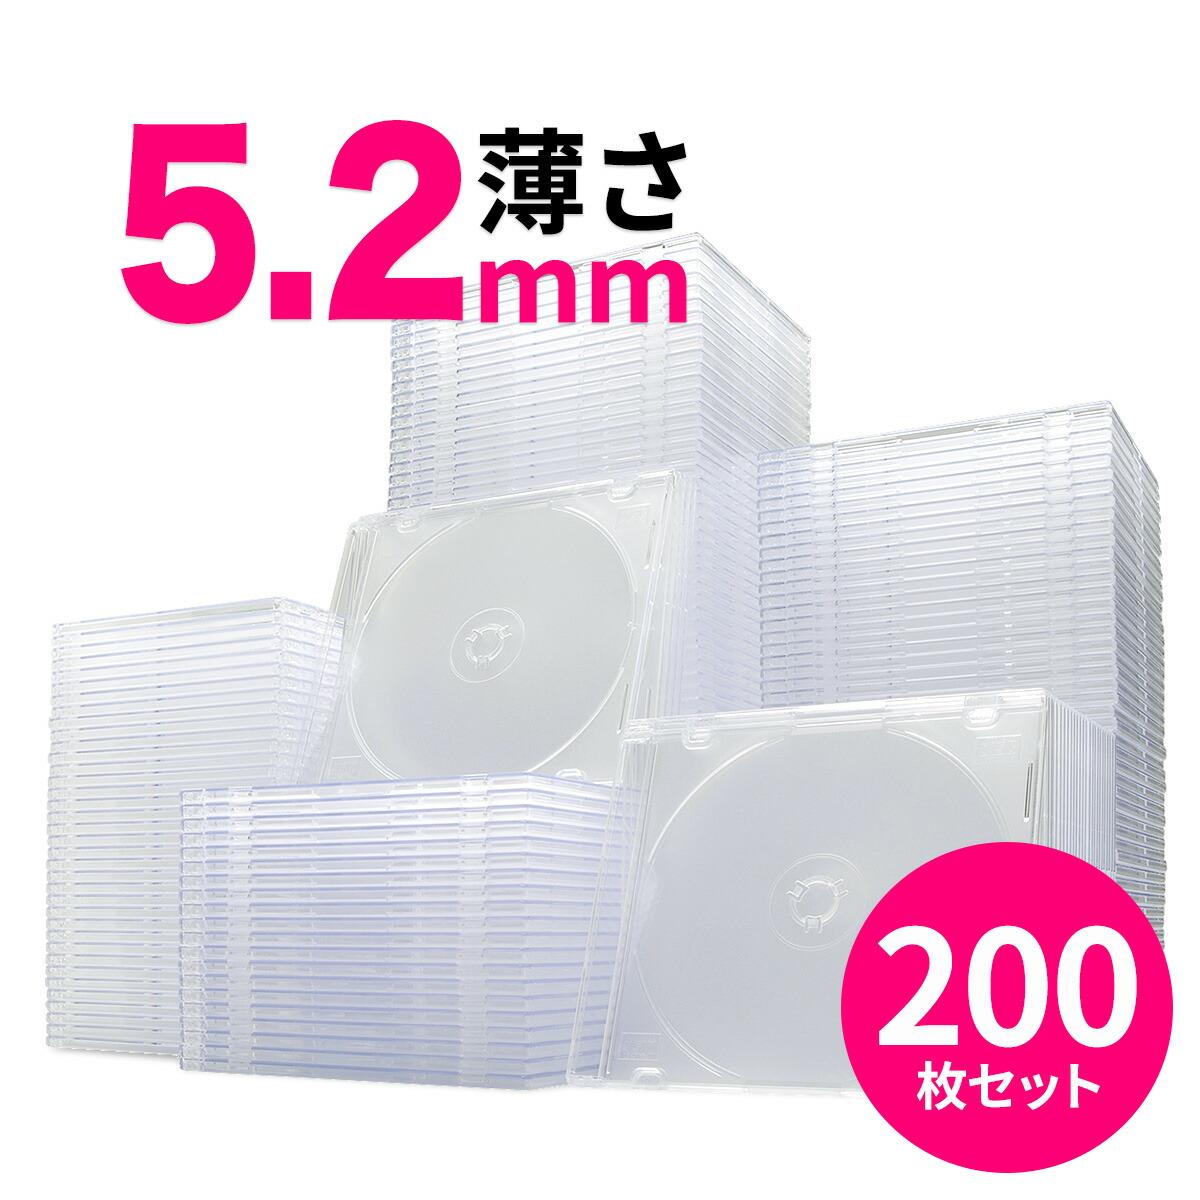 CDケース DVDケース ブルーレイケース 200枚セット プラケース スリムケース(5.2mm) 収納ケース メディアケース [200-FCD031-200]【サンワダイレクト限定品】